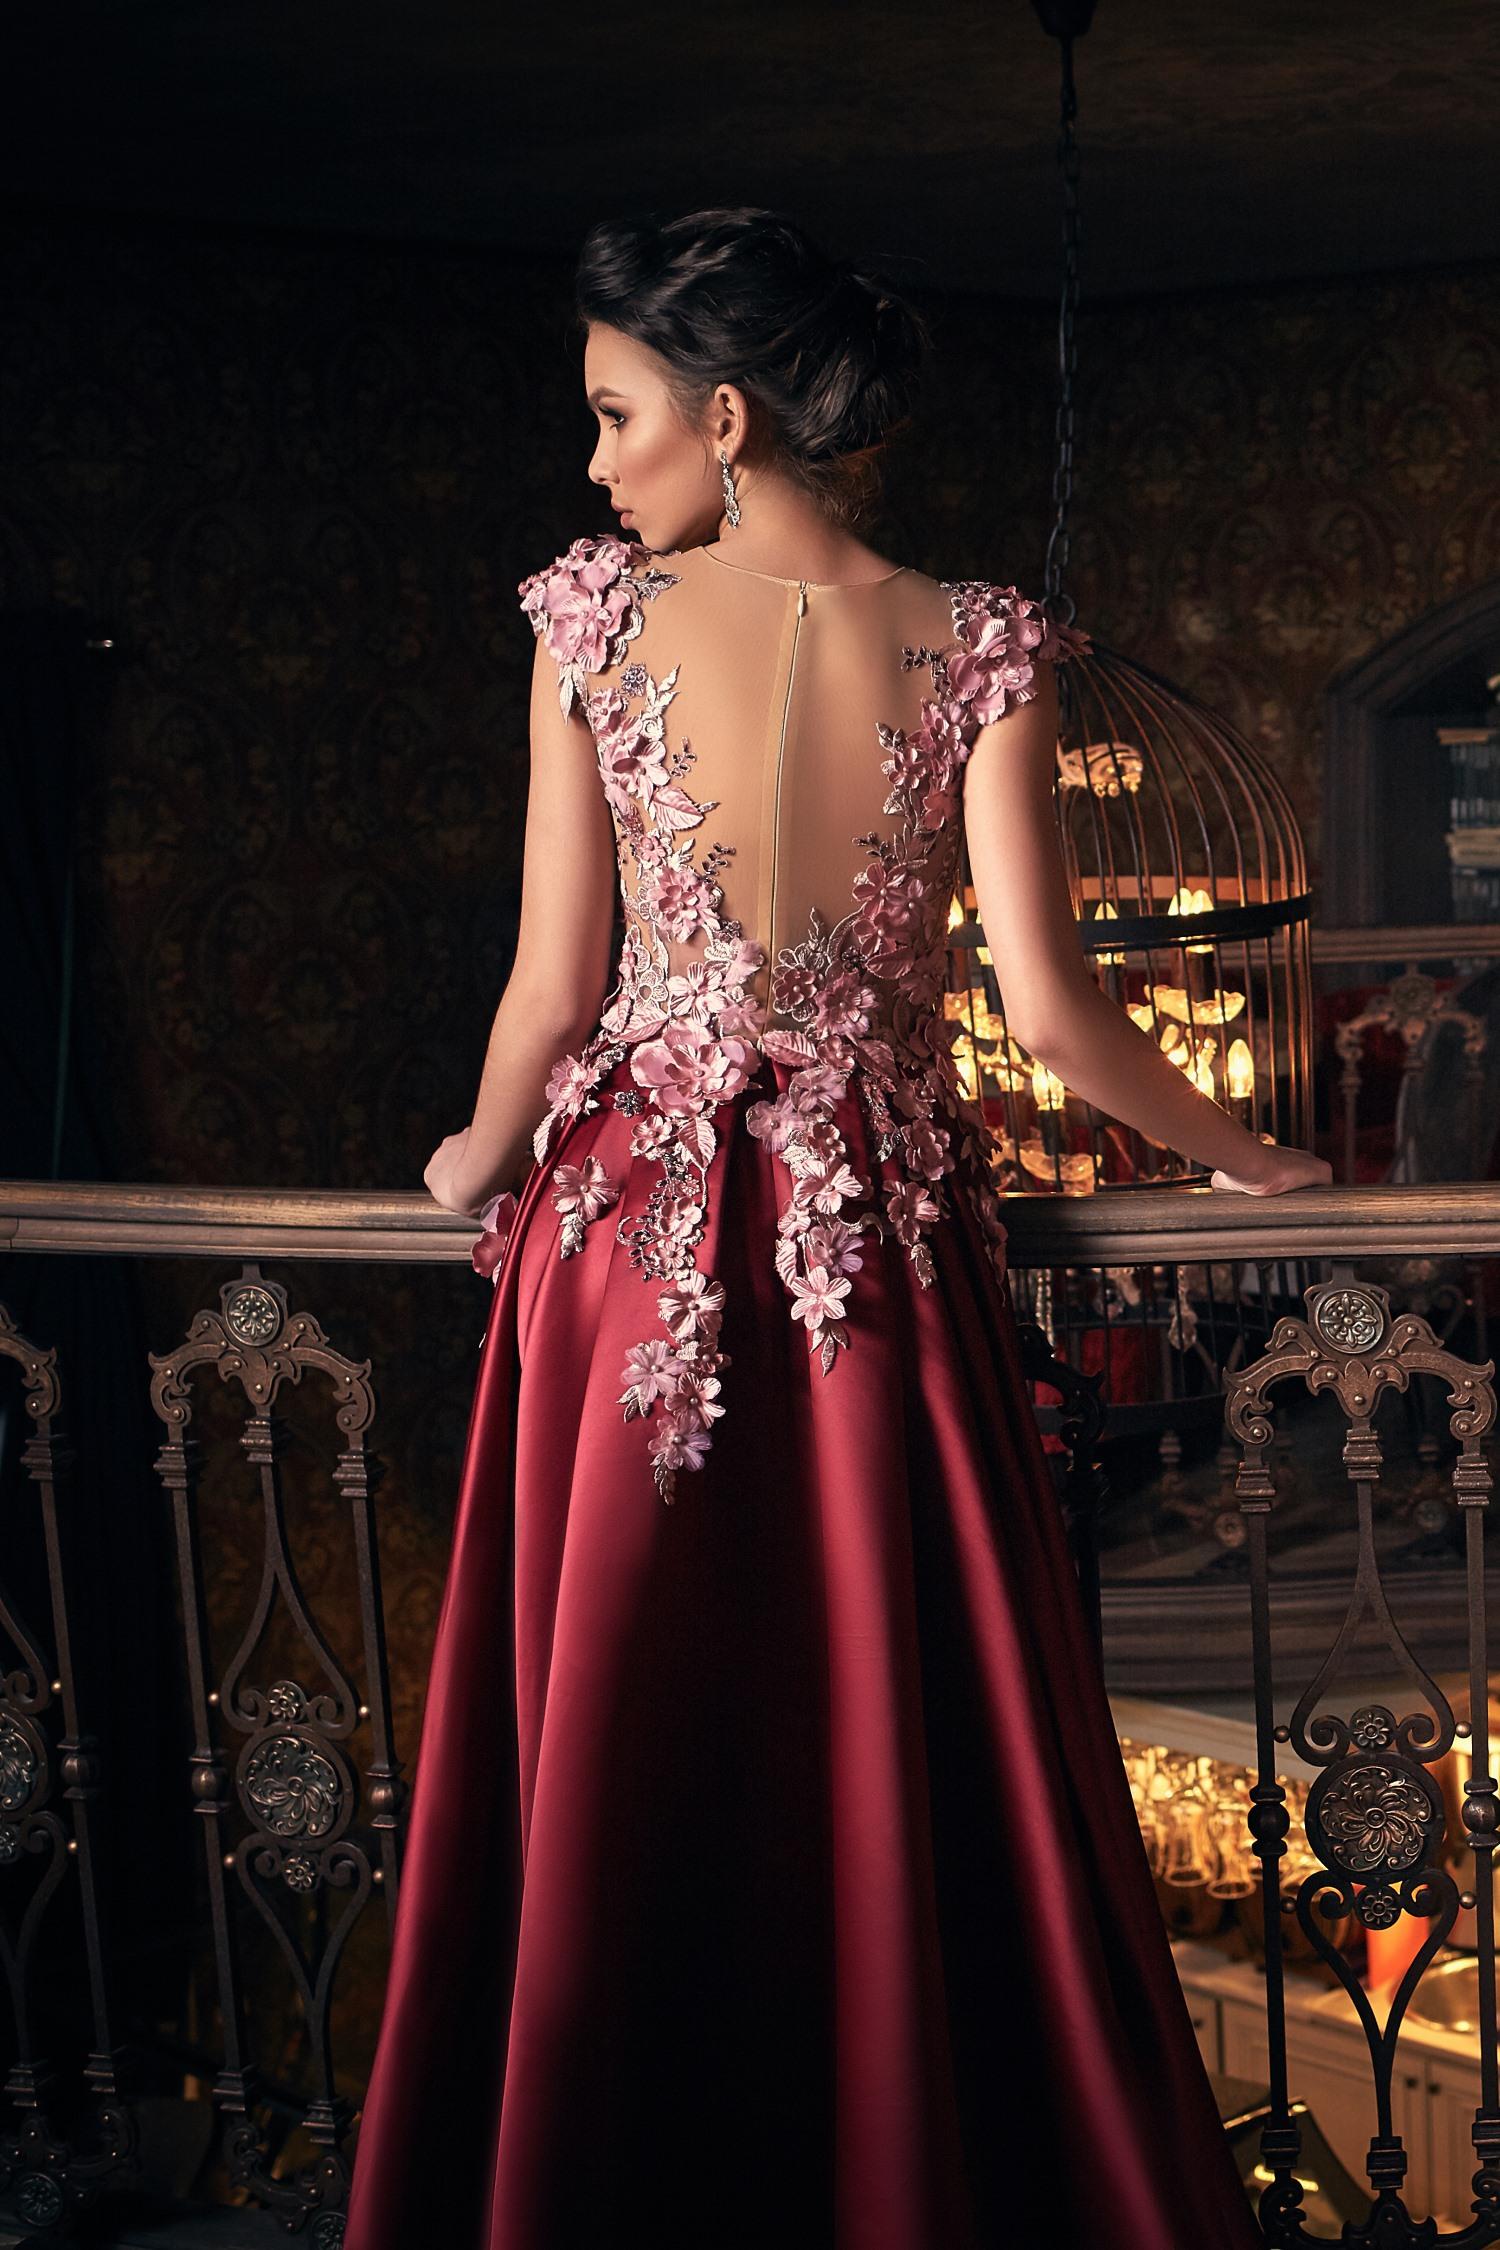 robe de soirée luxe rose et pourpre Paris